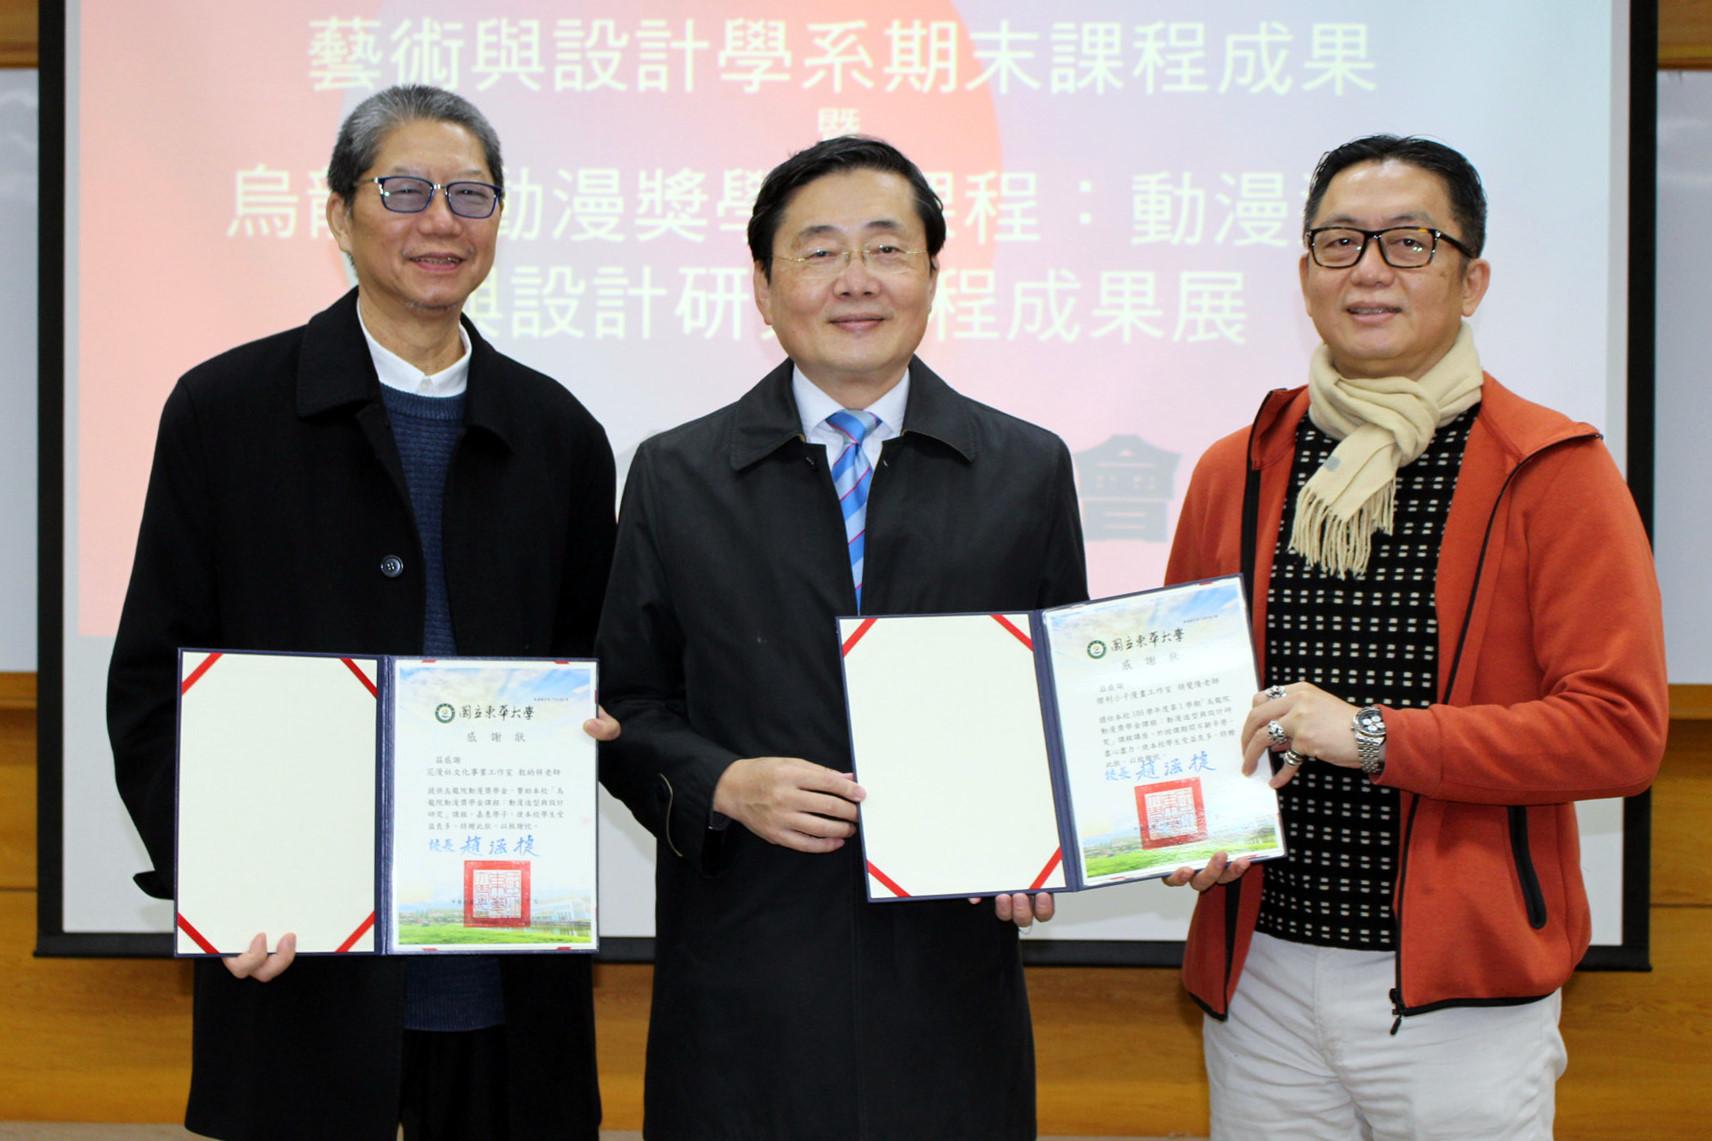 東華大學趙涵㨗校長頒發感謝狀給敖幼祥老師和胡覺隆老師